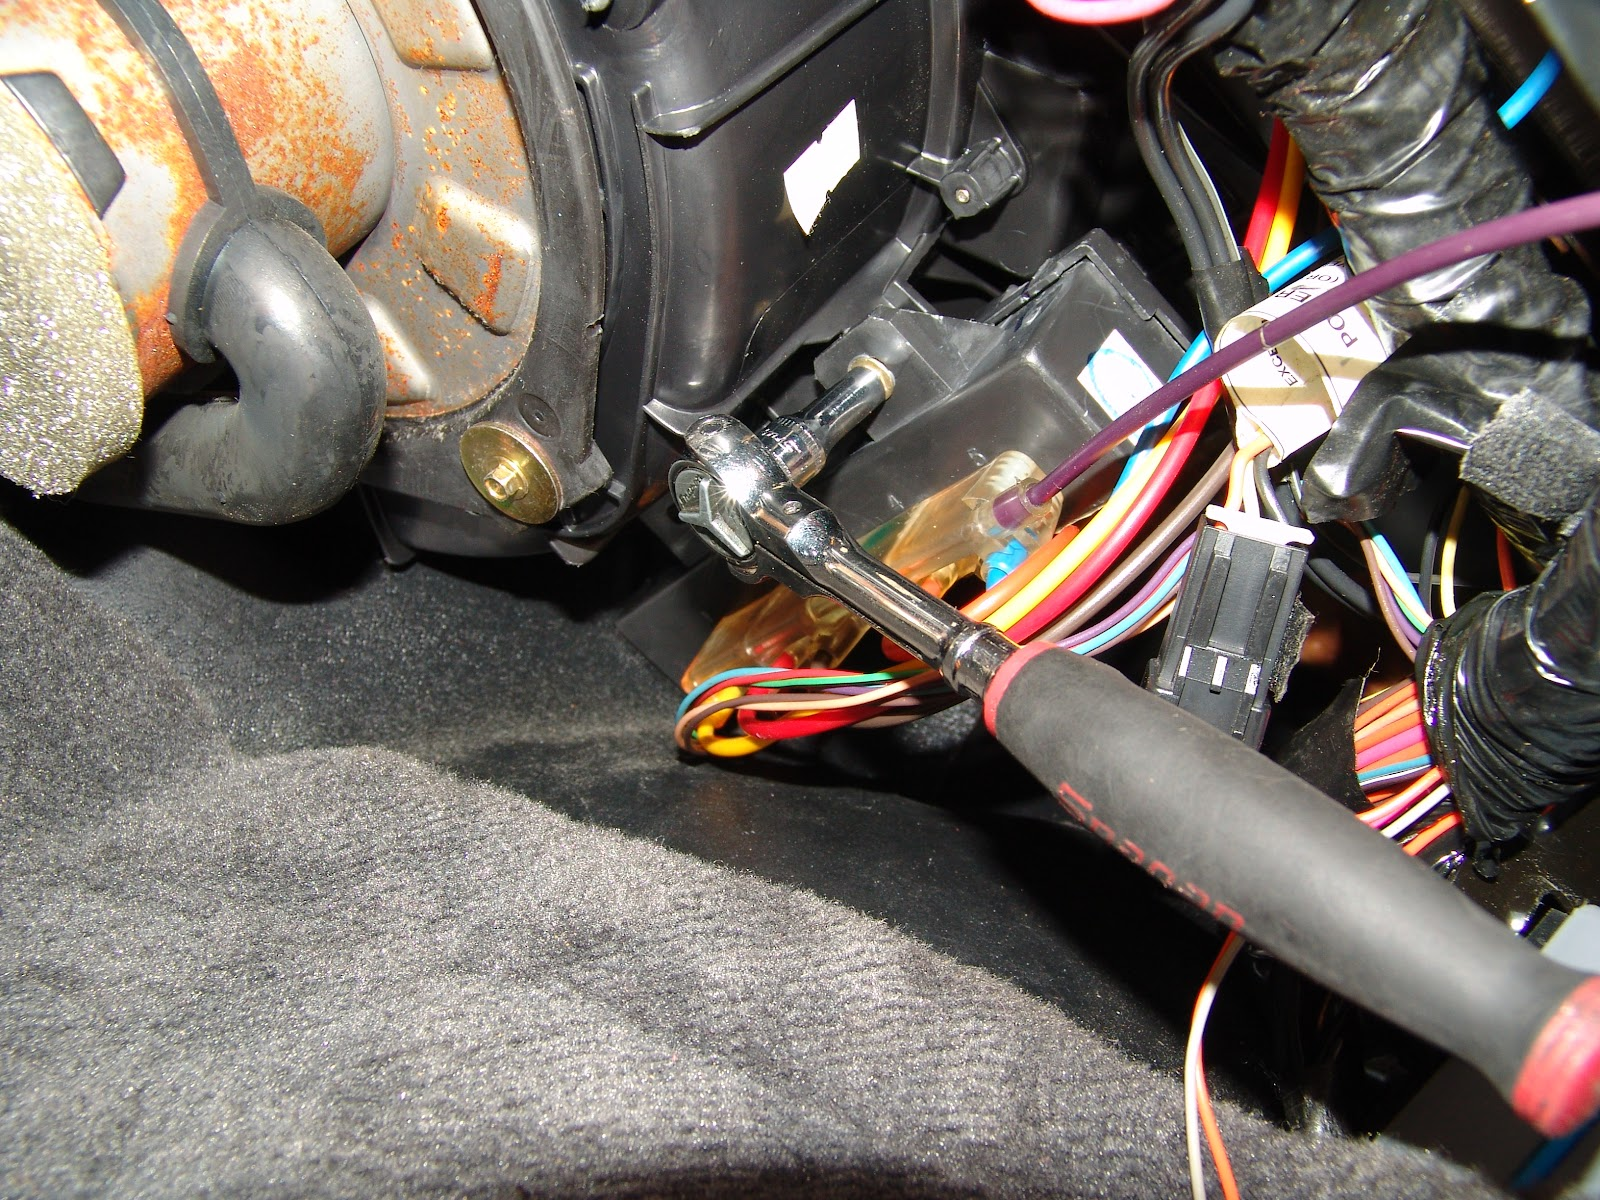 Pontiac 3 8 Engine Diagram Reduced 2000 Bonneville Sunfire 2 Crankshaft Sensor Location 38 Parts Sensors